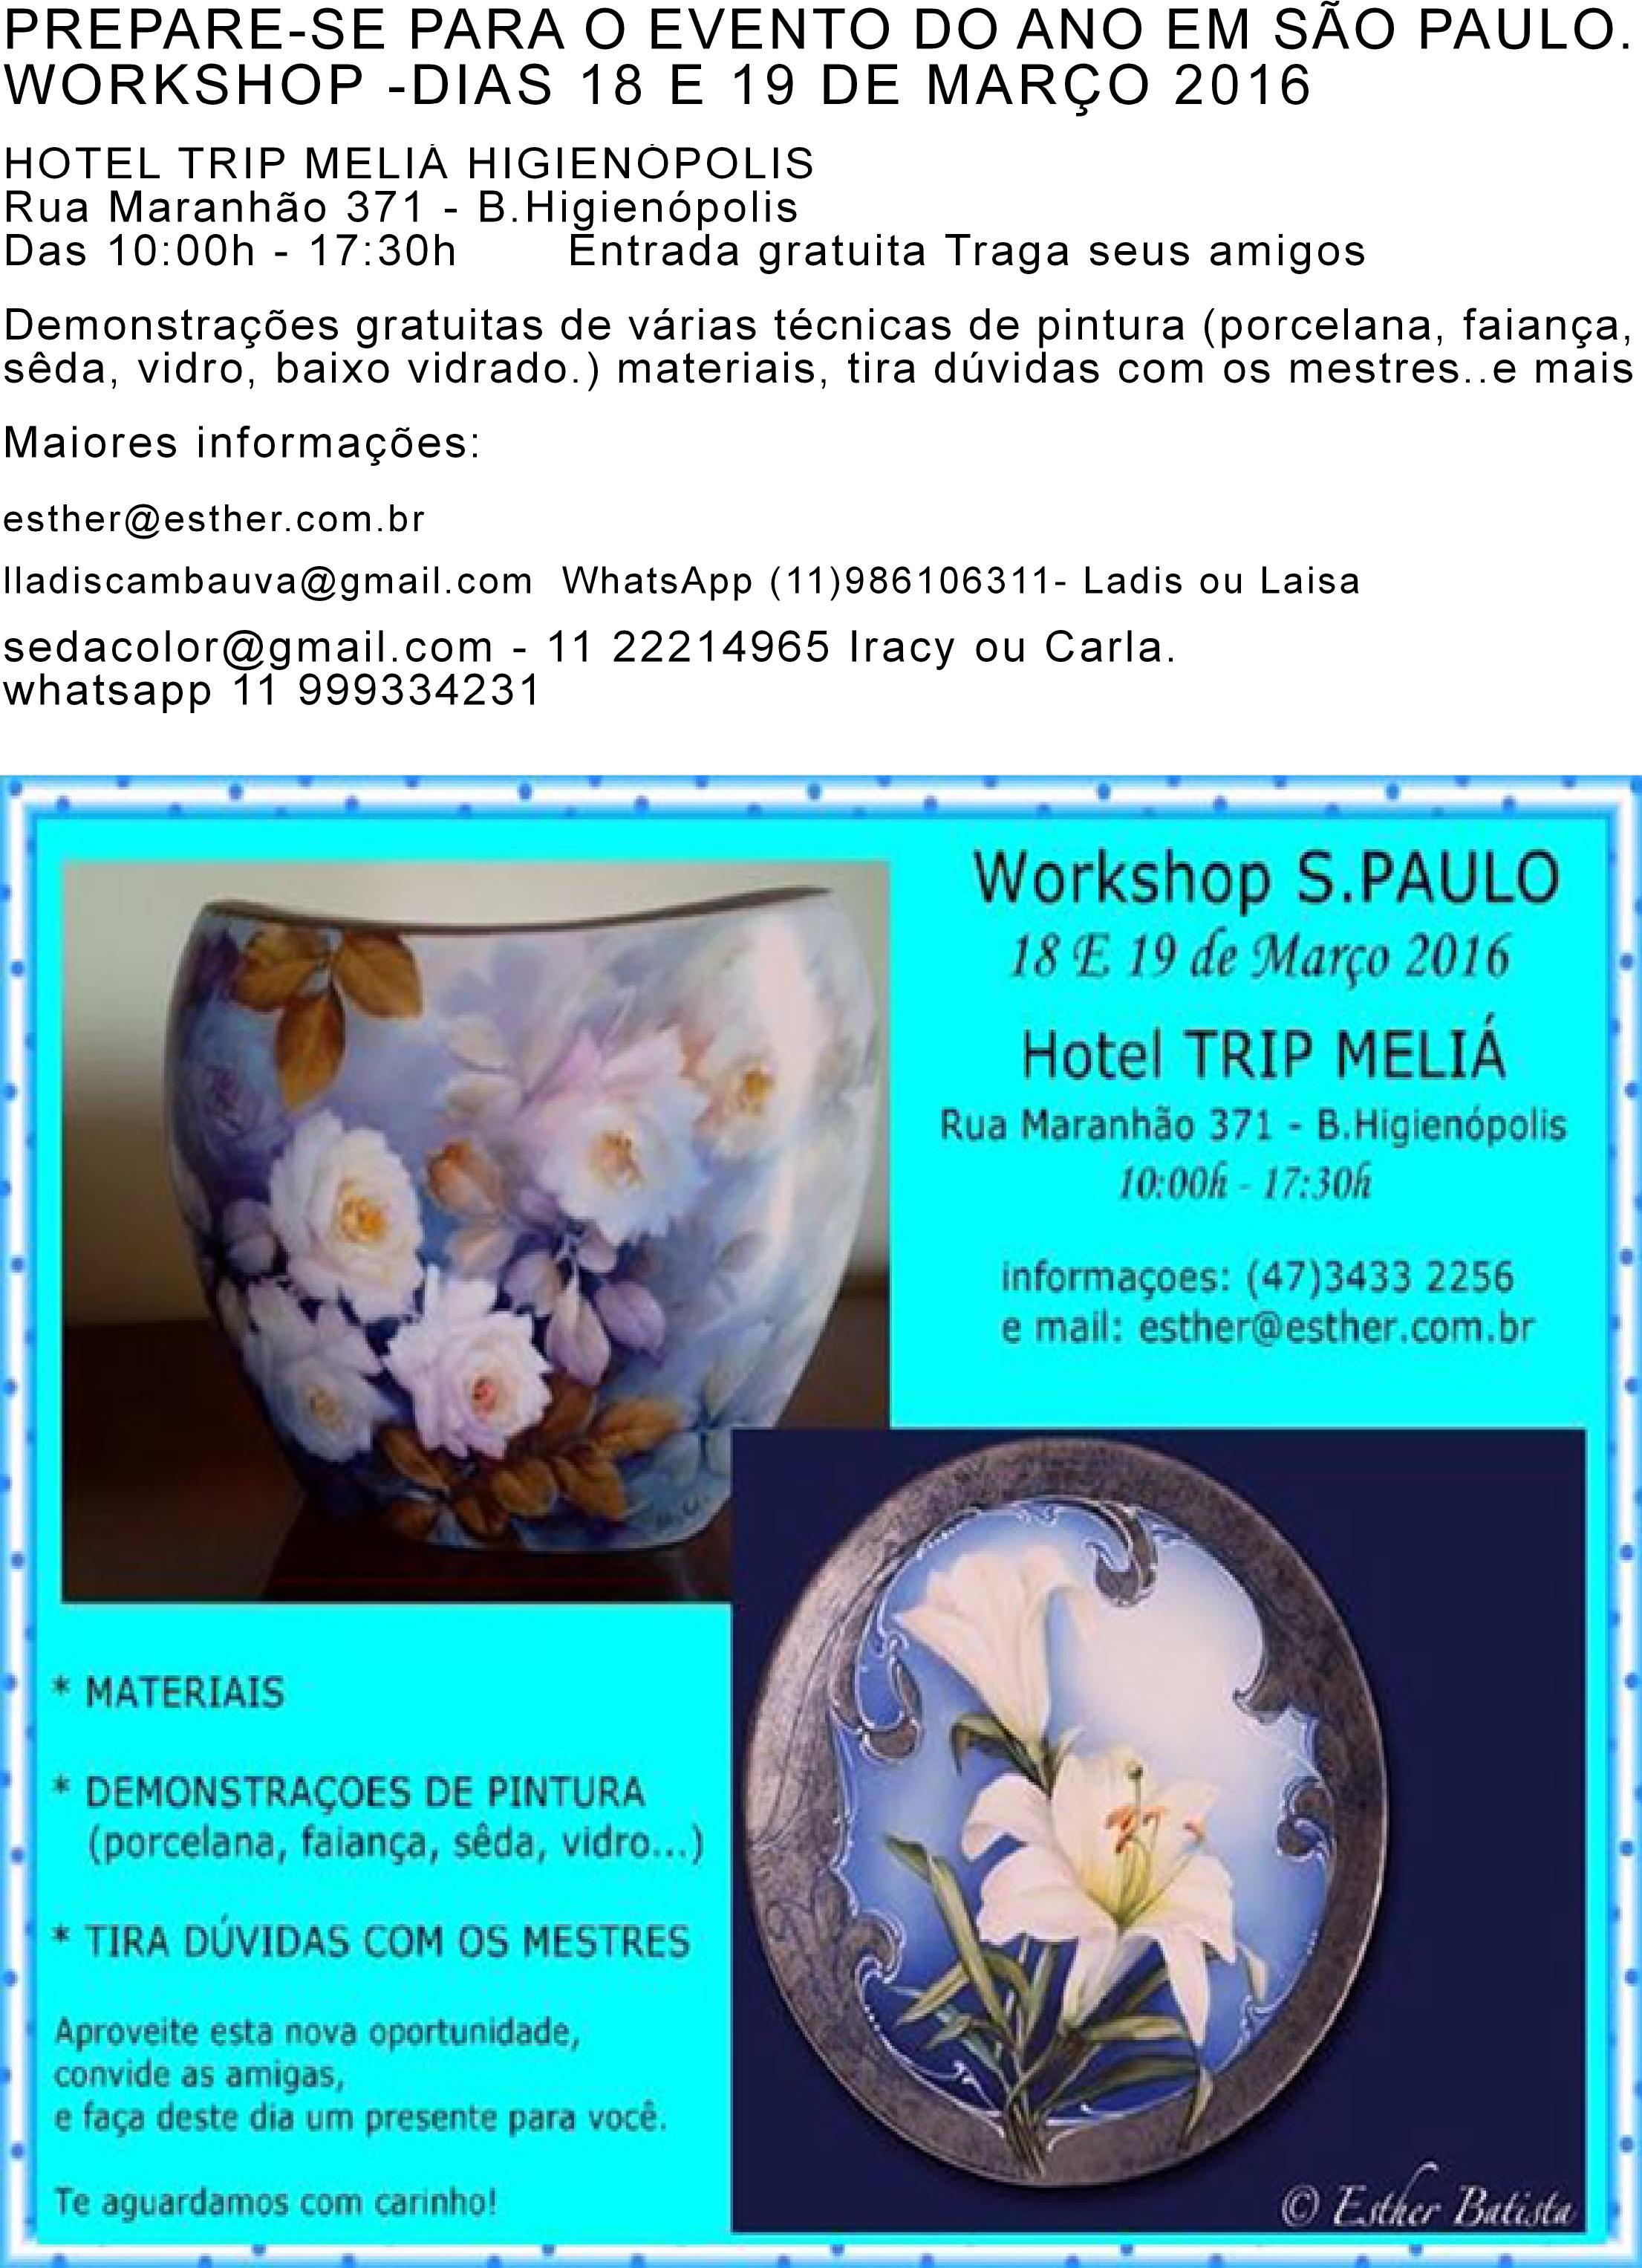 Workshop 18 e 19 de março de 2016